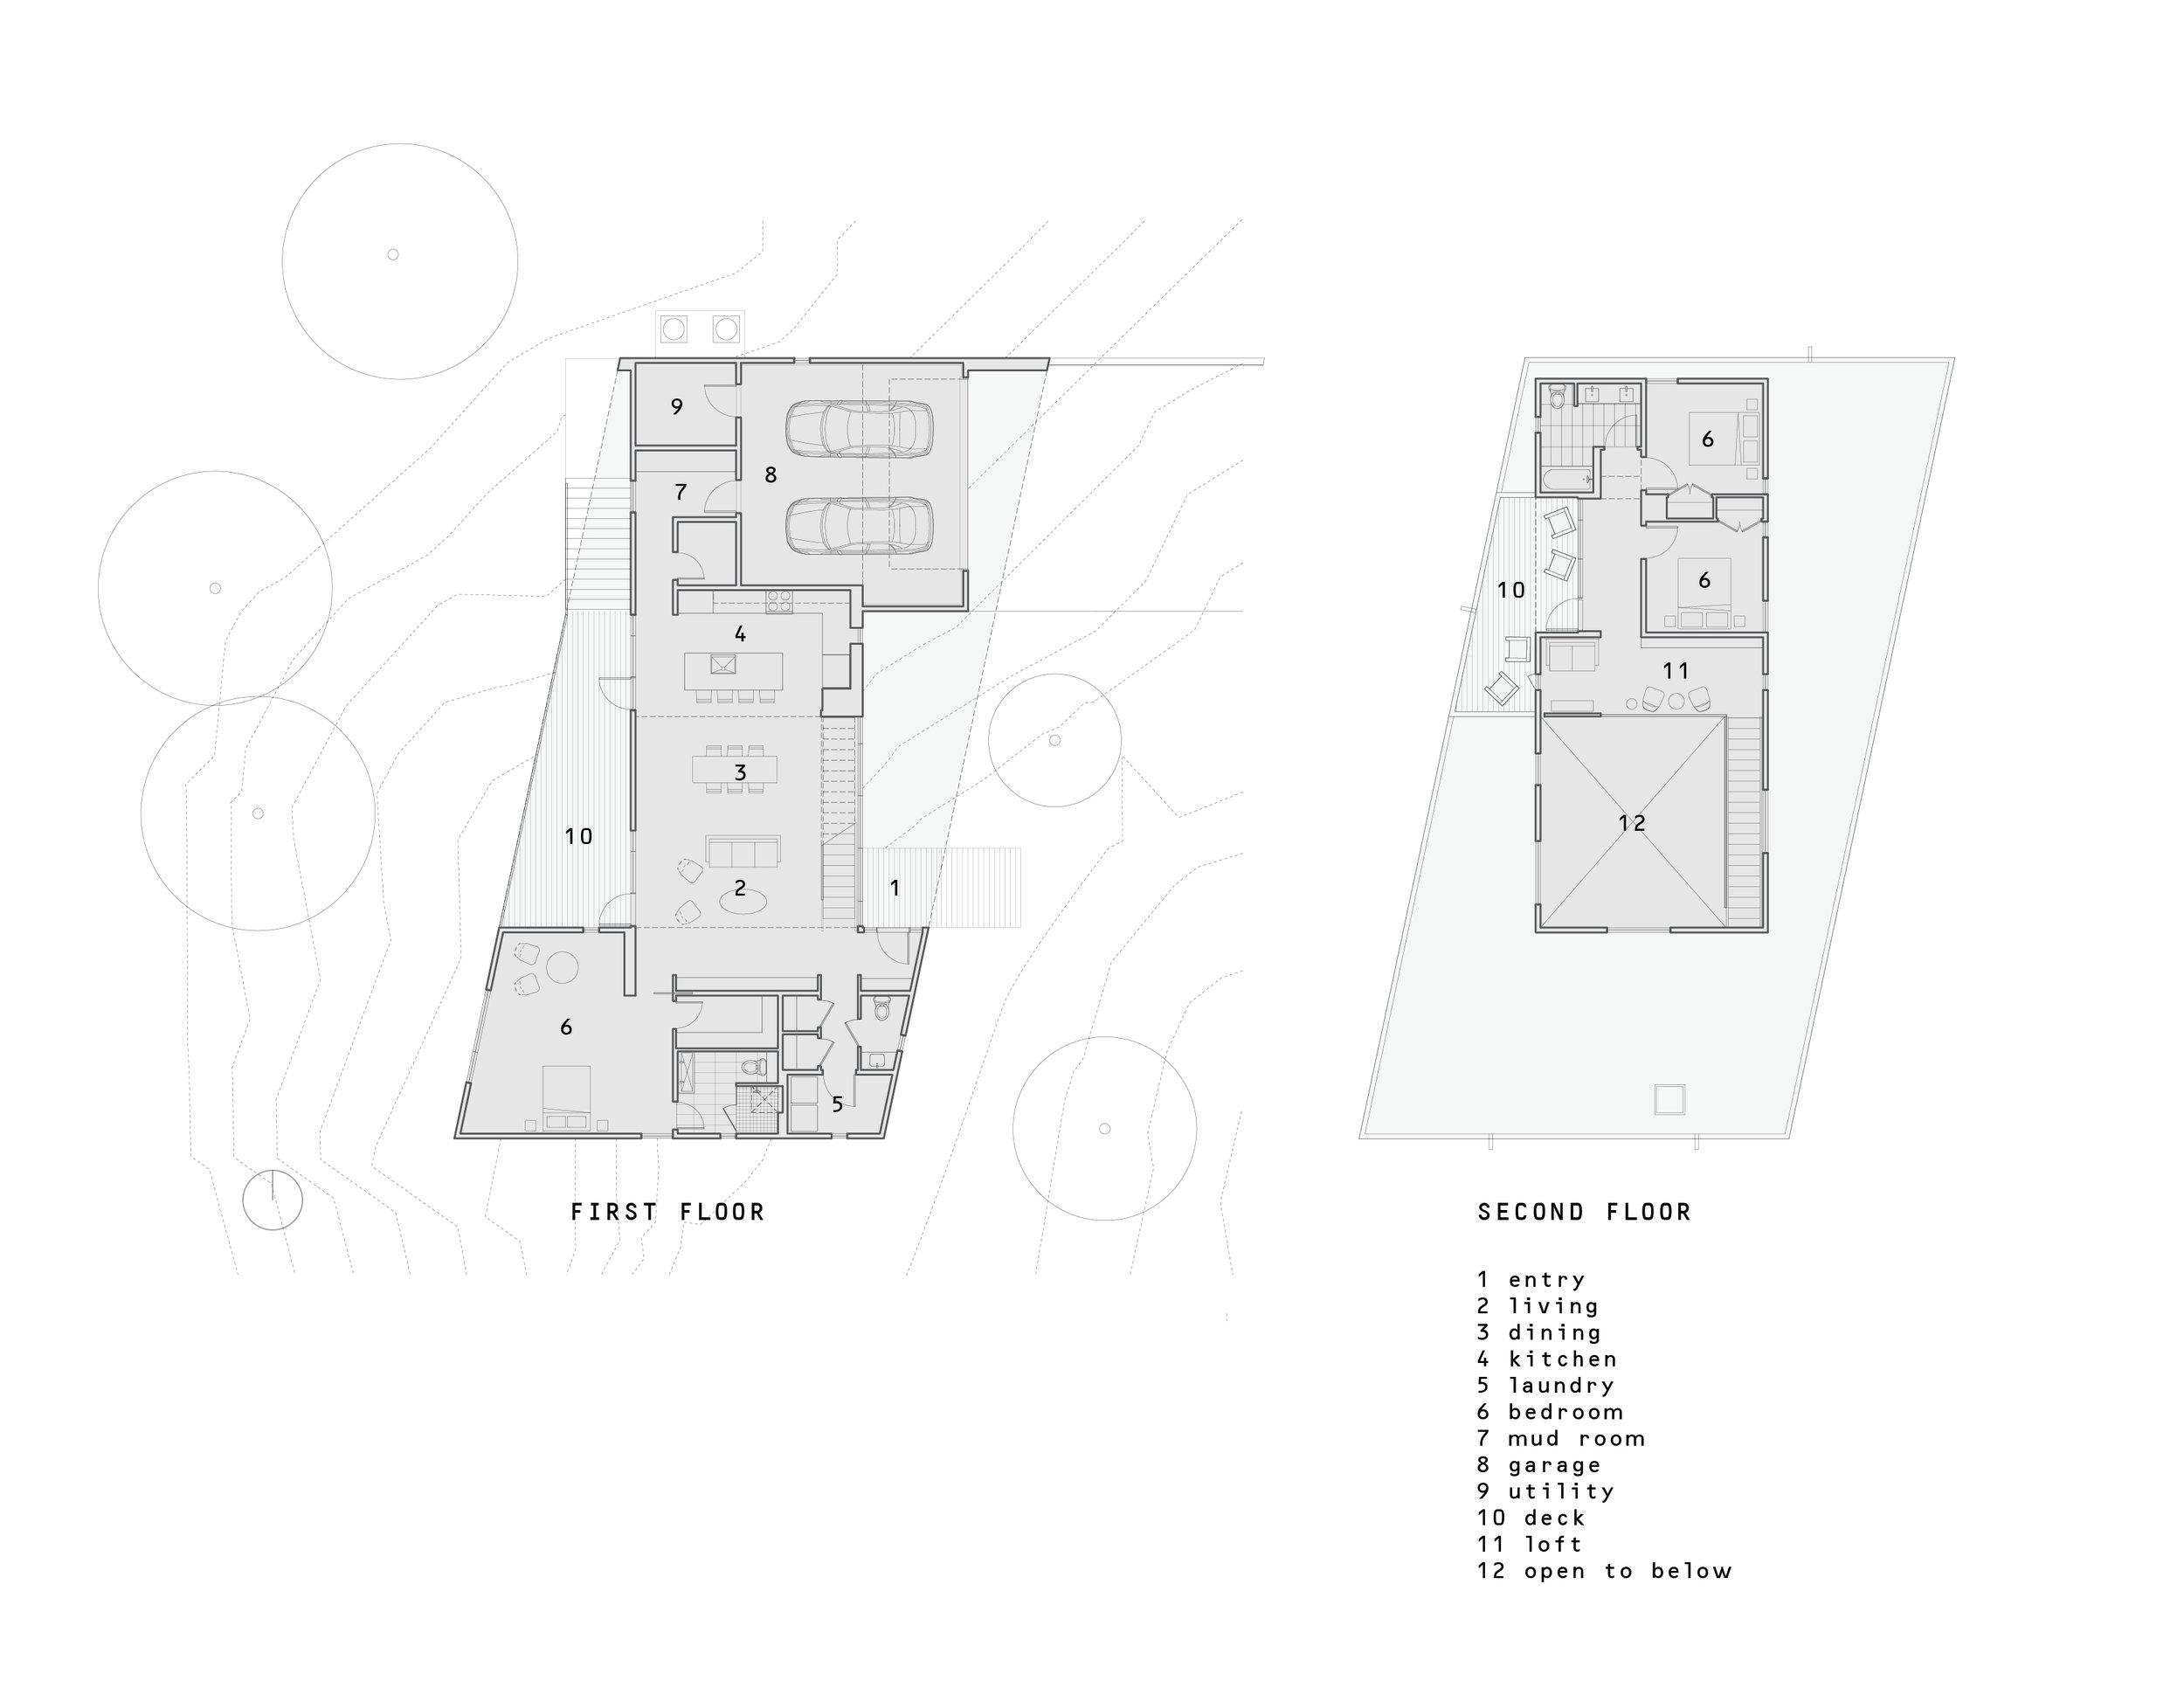 (6565) - 8.jpg